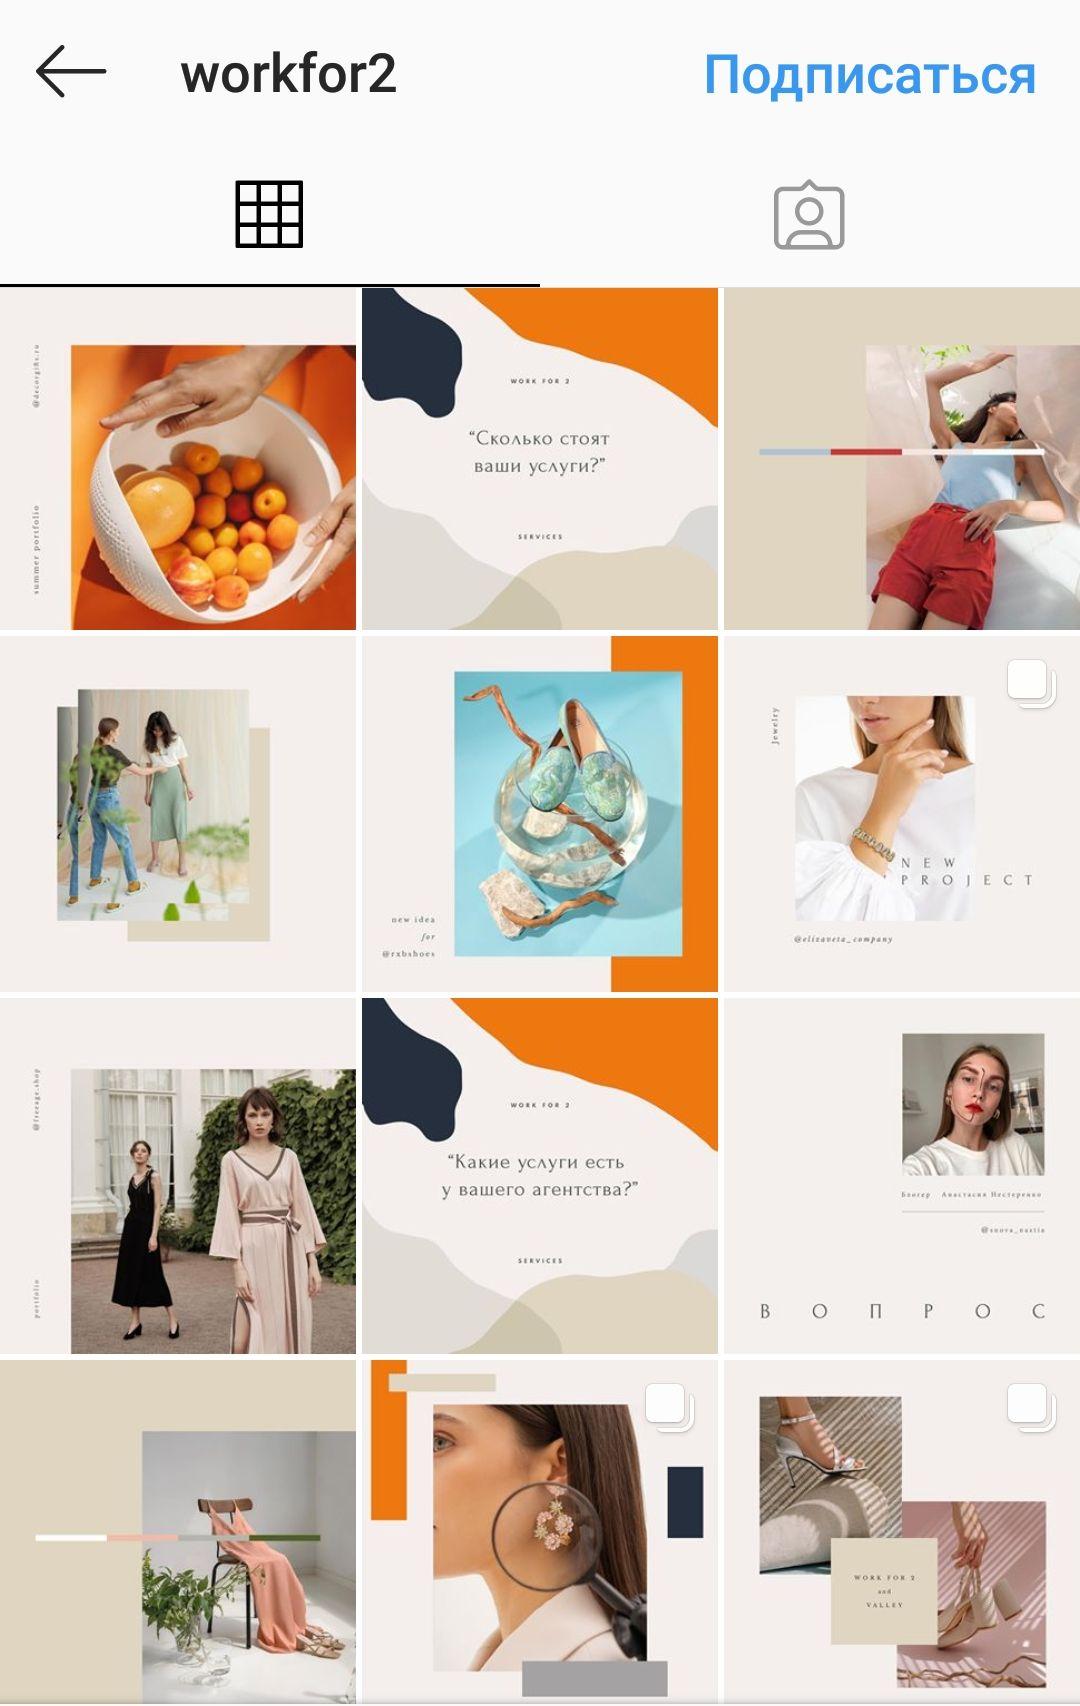 Idei Dlya Oformleniya Instagram Primery Instagram Profilej Instagram Feed Vizual Instagram Dizajn Veb Bannerov Banner